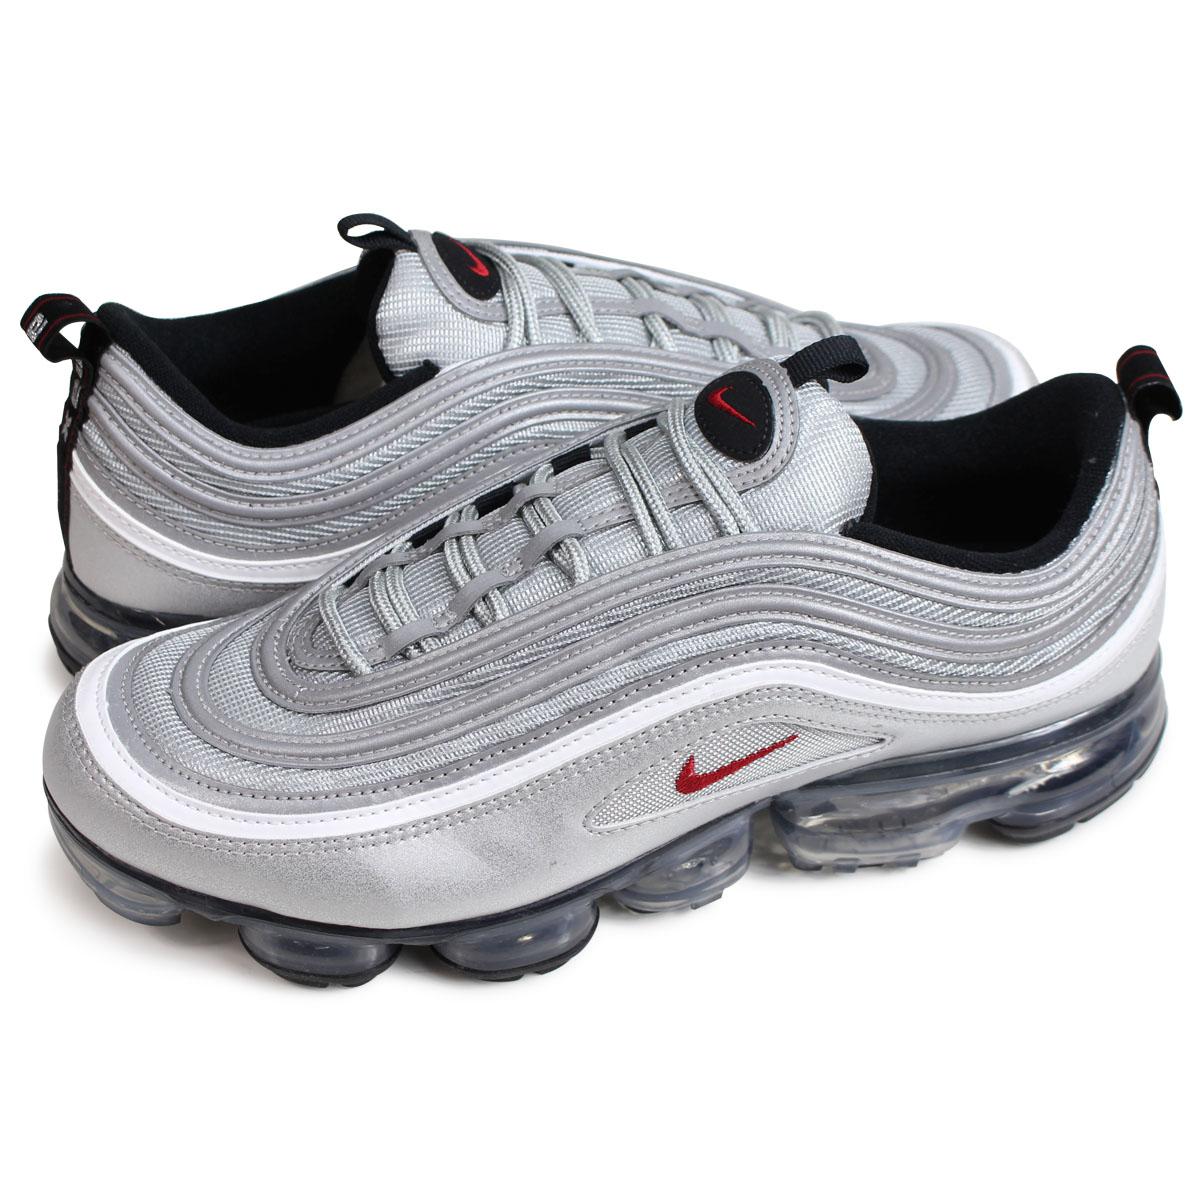 116f88223 ... good nike air vapormax 97 nike air vapor max 97 sneakers men aj7291 002  silver load